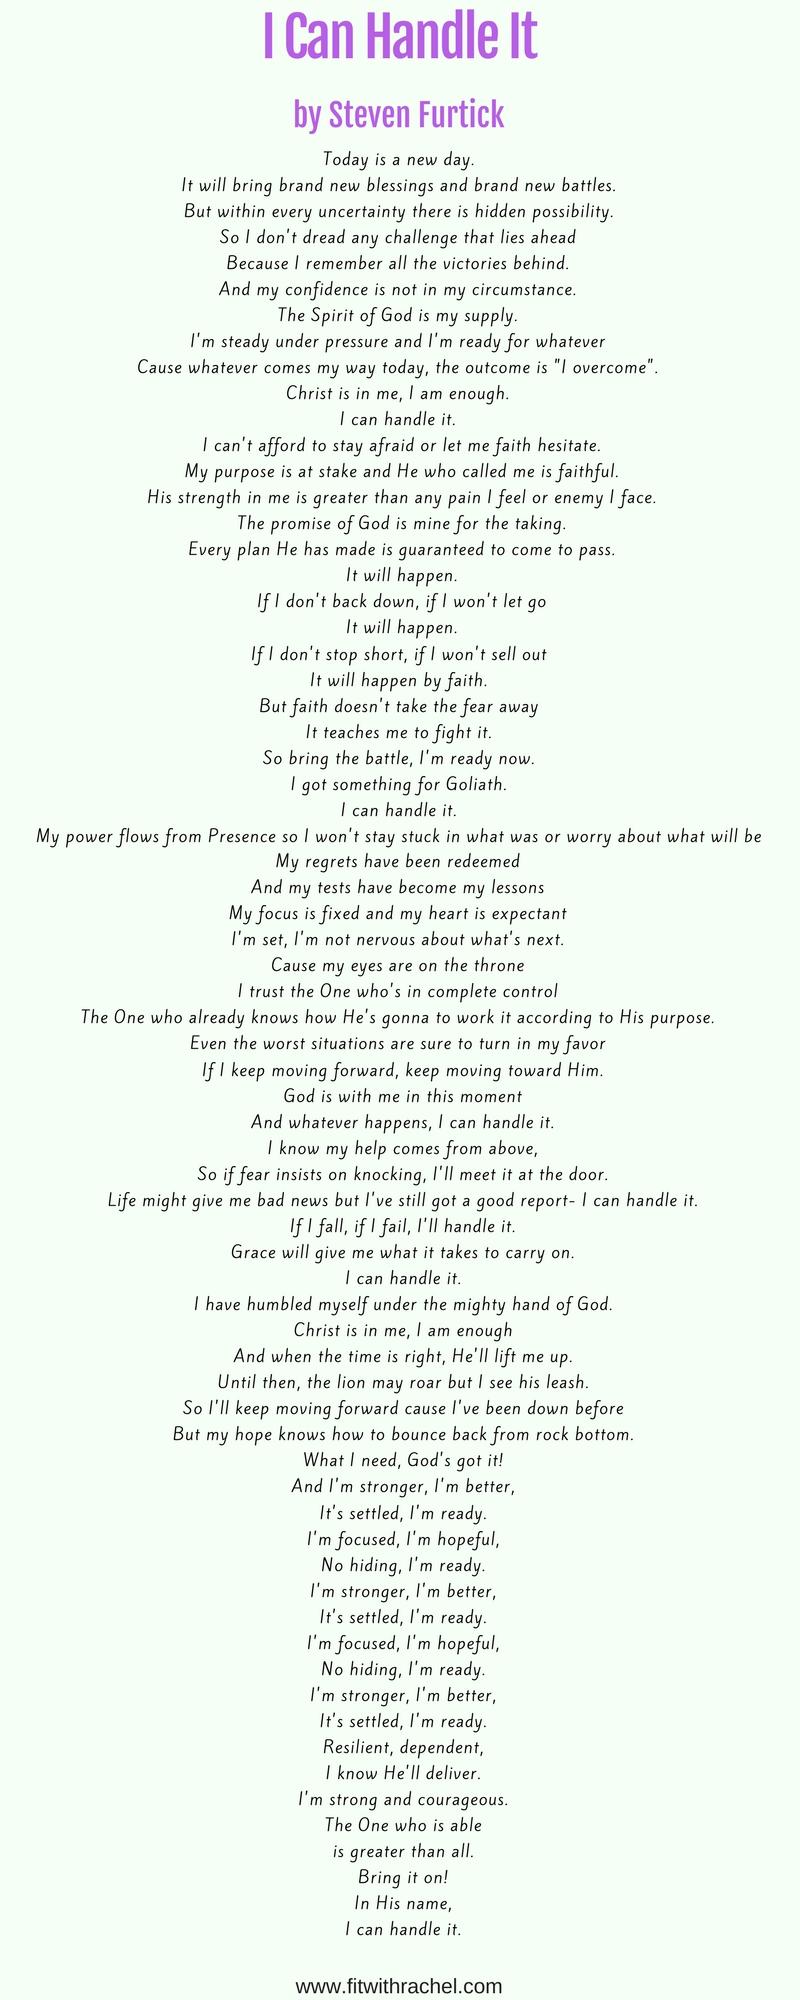 Lyrics containing the term: process